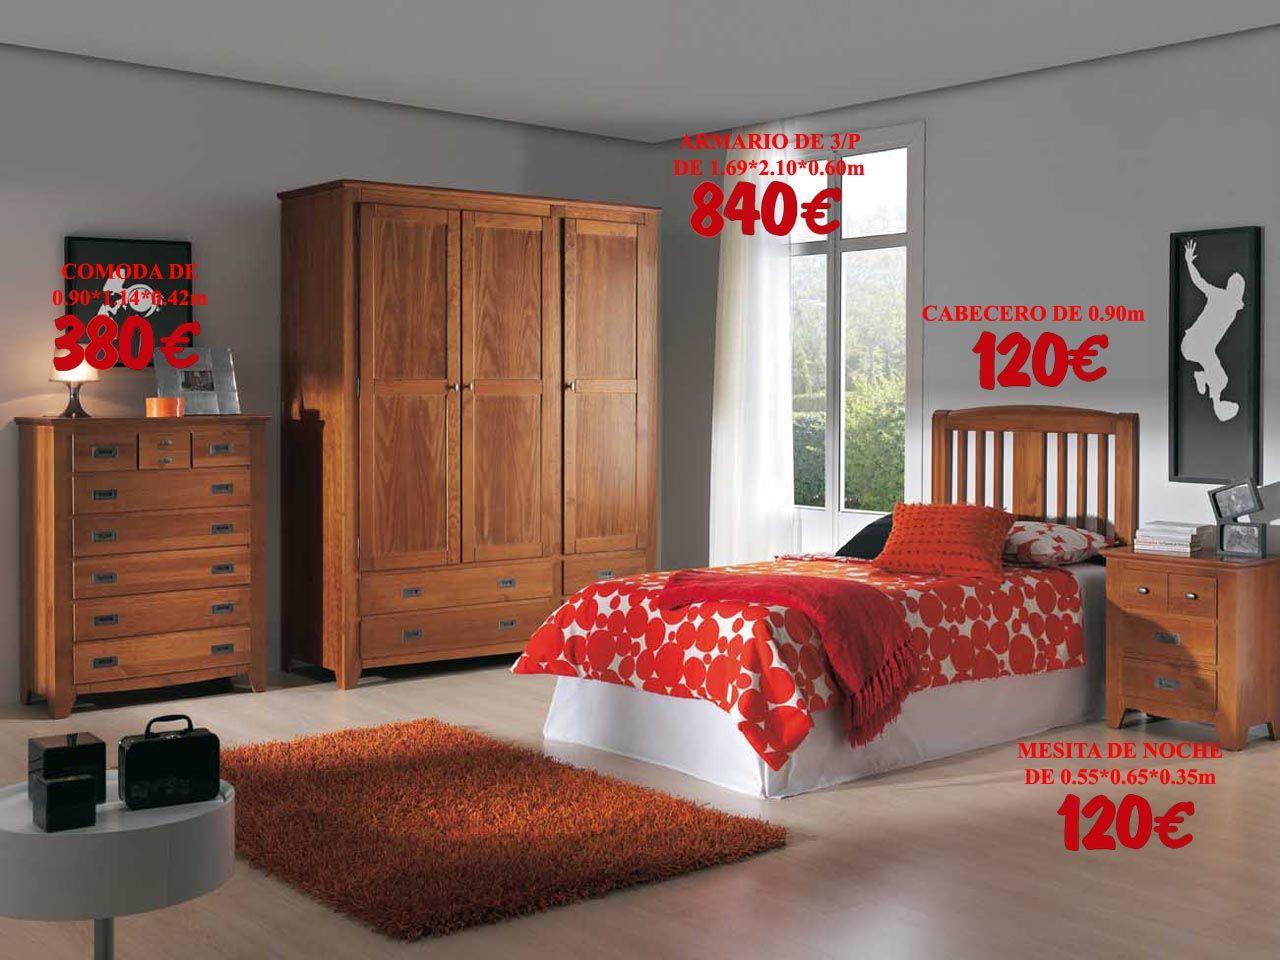 Muebles de pino macizo colonial : Muebles Amate, Muebles Amate ...